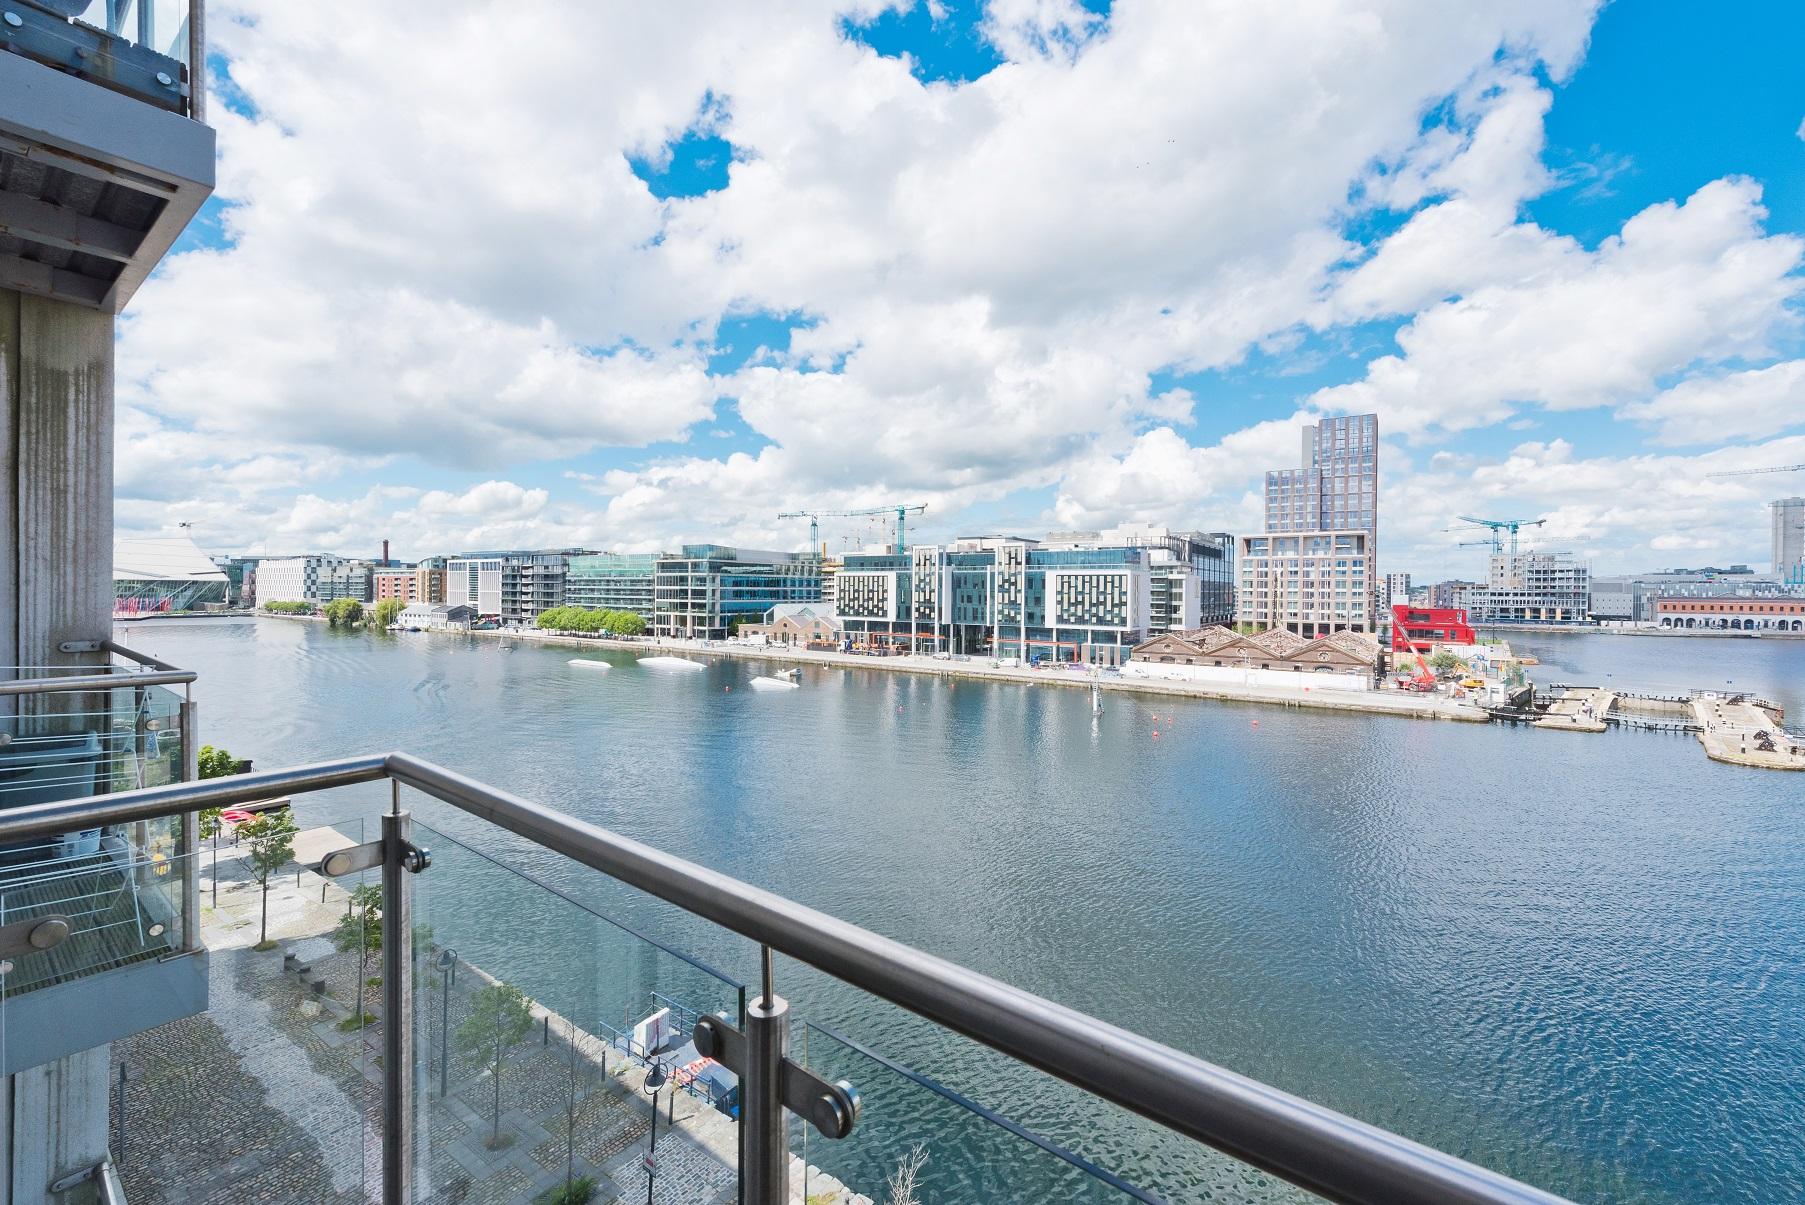 View at Grand Canal Wharf 4 Apartment, Ringsend, Dublin